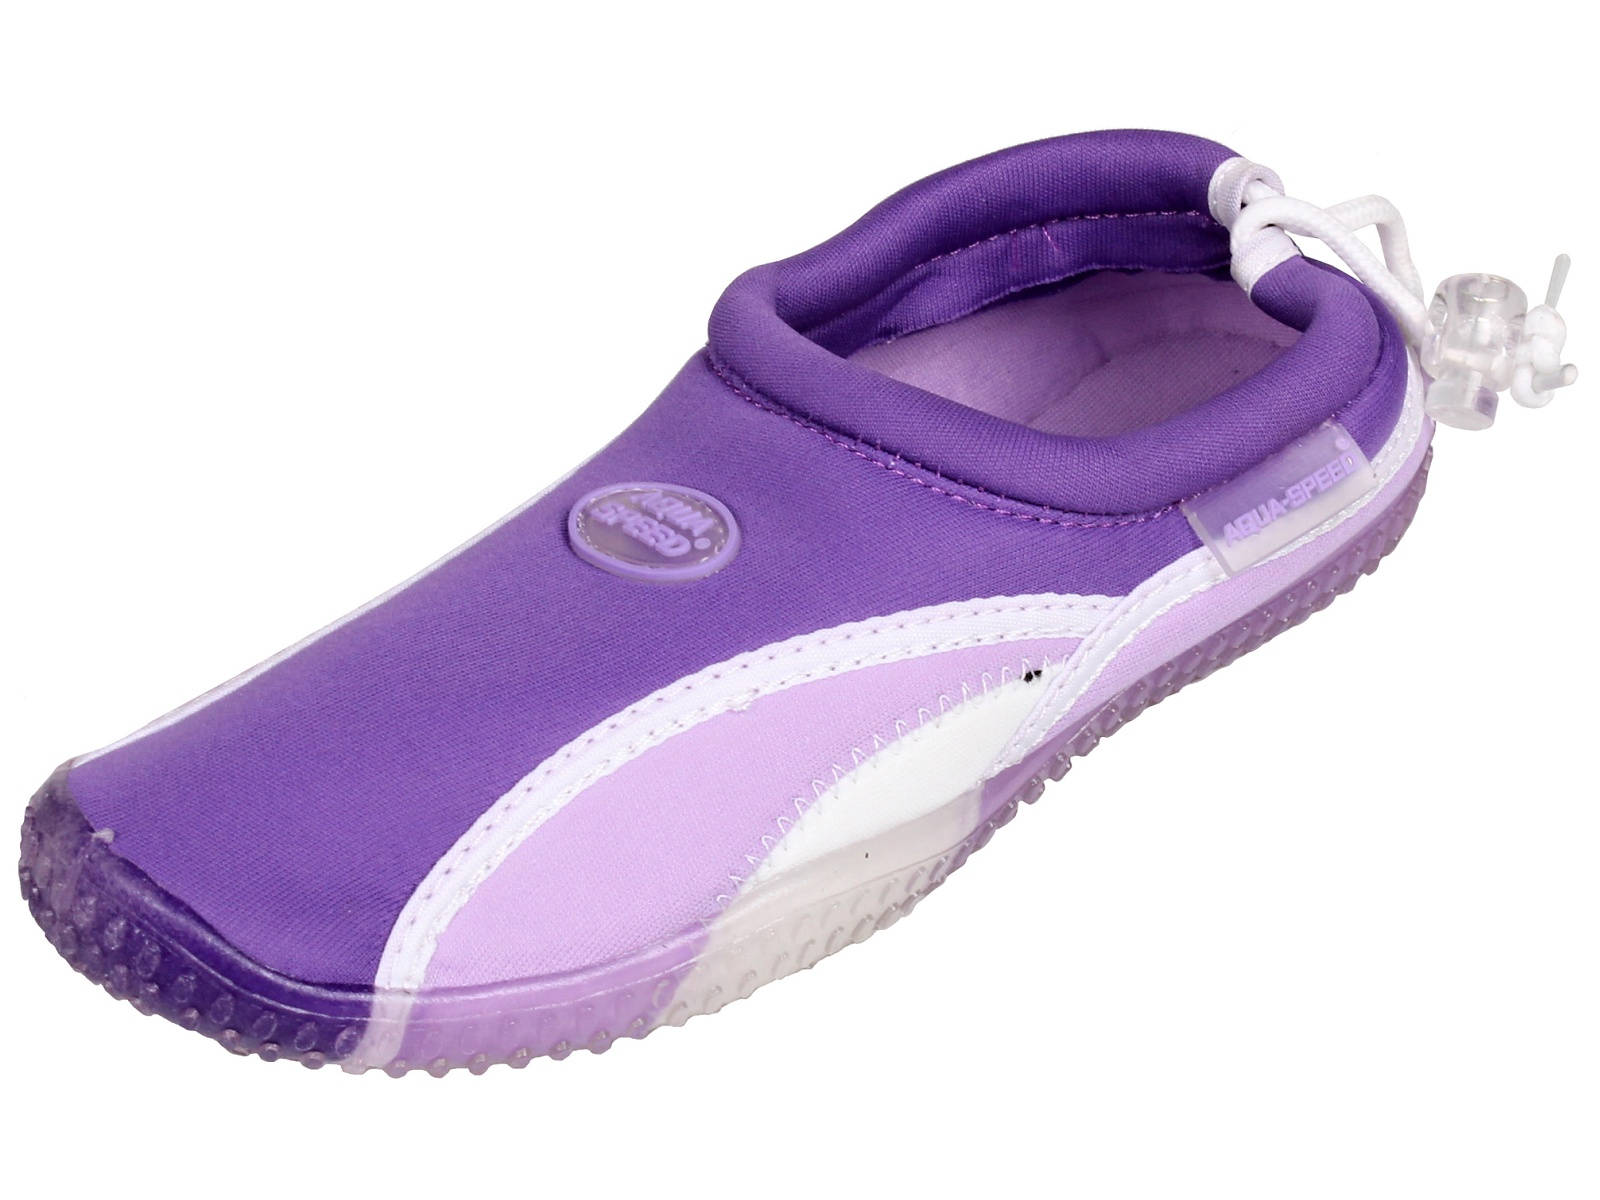 Boty do vody AQUA-SPEED 12B fialové - vel. 38